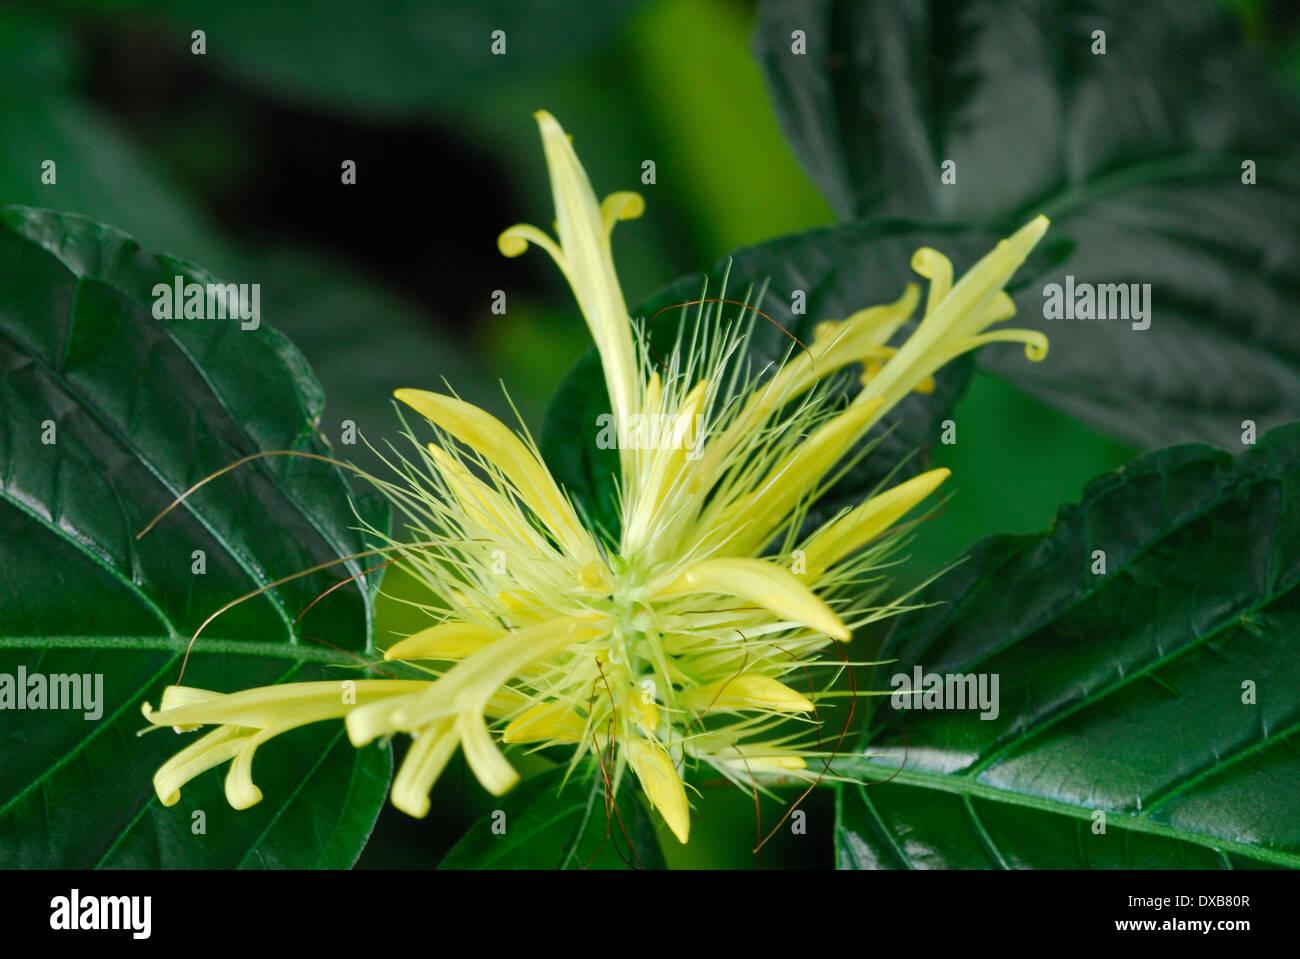 Golden Plume - Stock Image